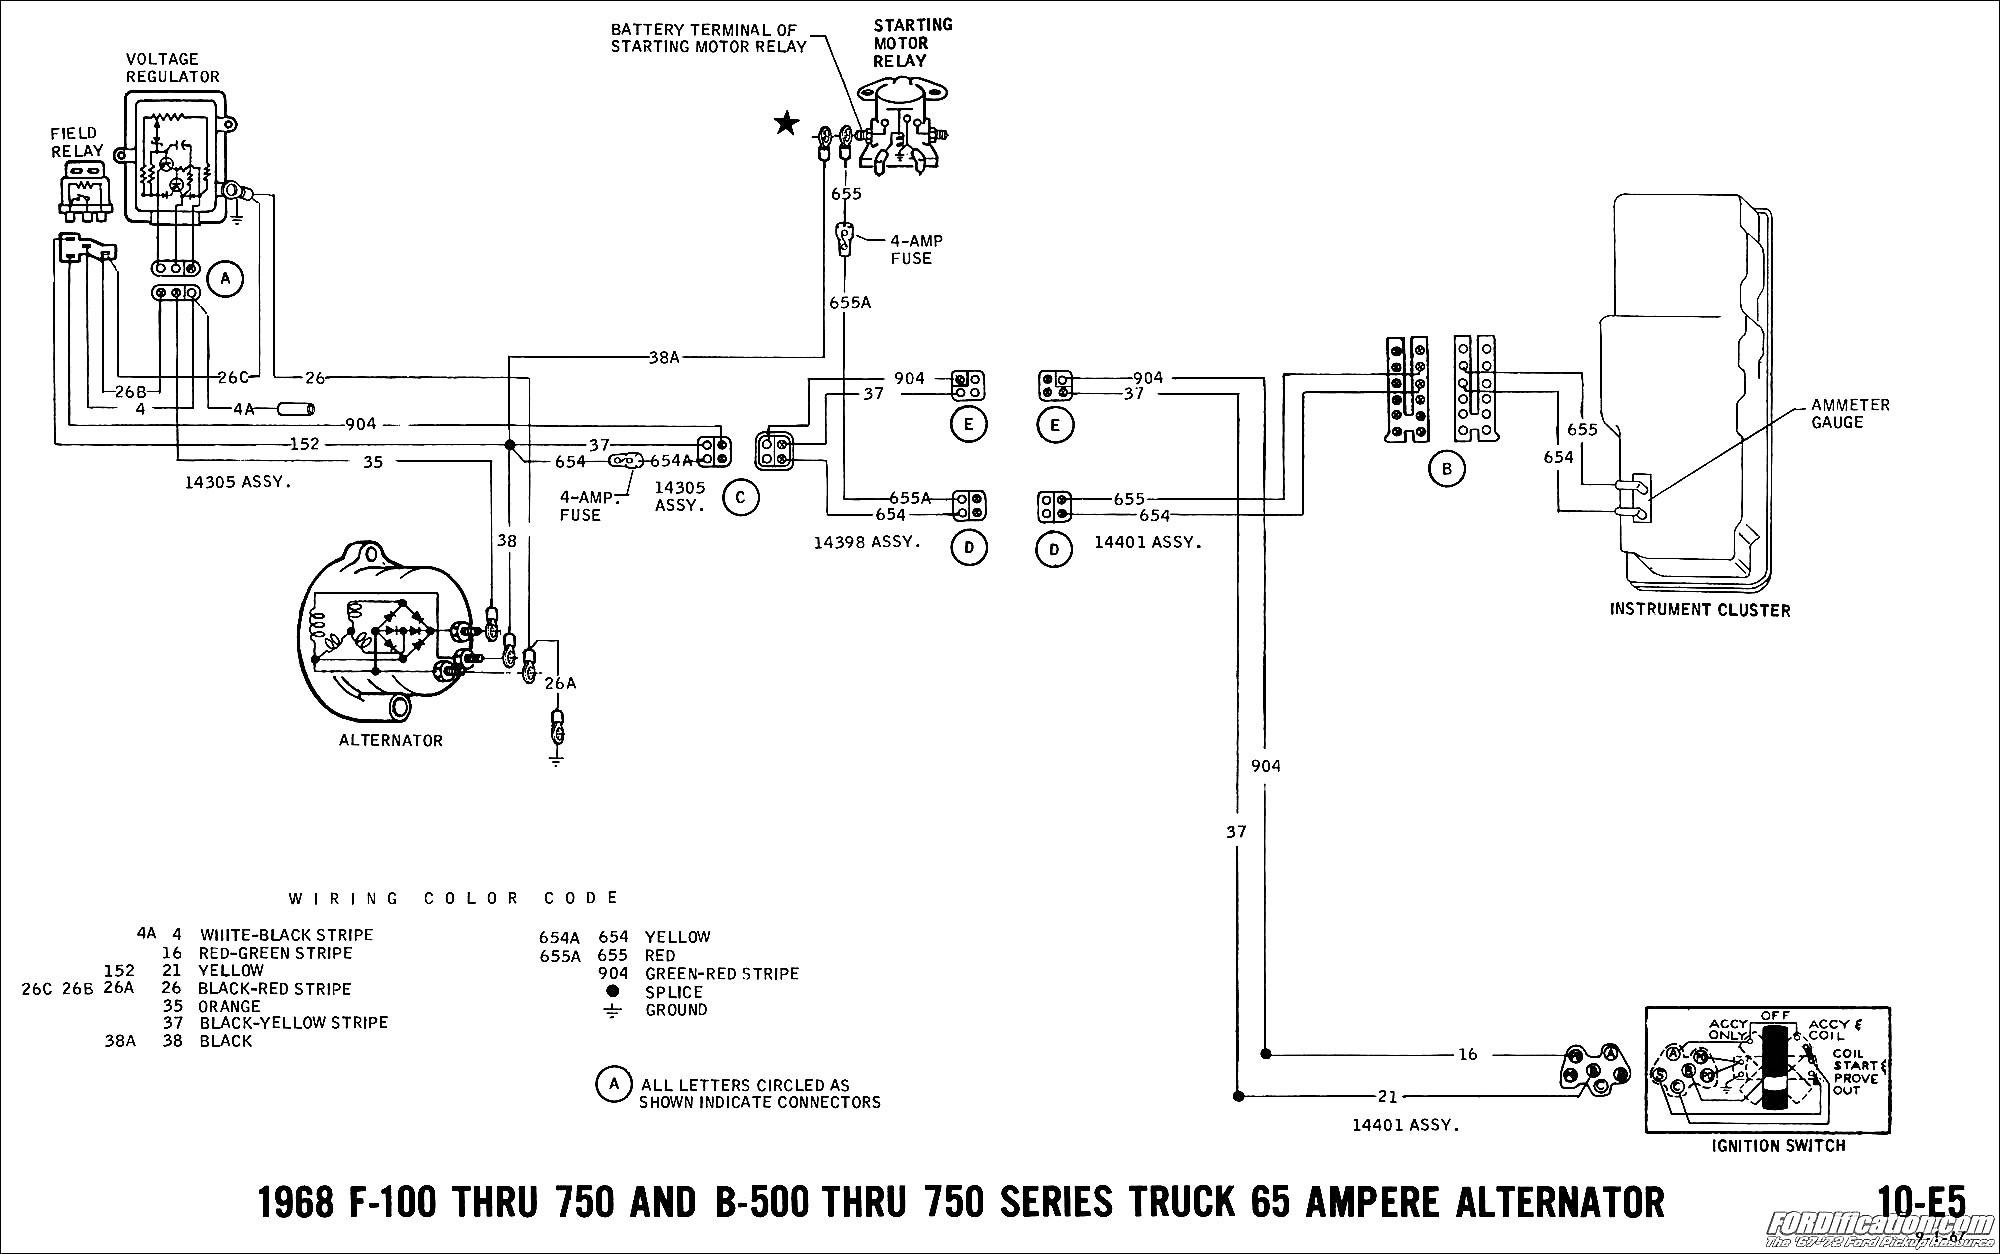 Gm Alternator Wiring Diagram Best Wiring Diagram Alternator ford Fresh Wiring Diagram Alternator ford